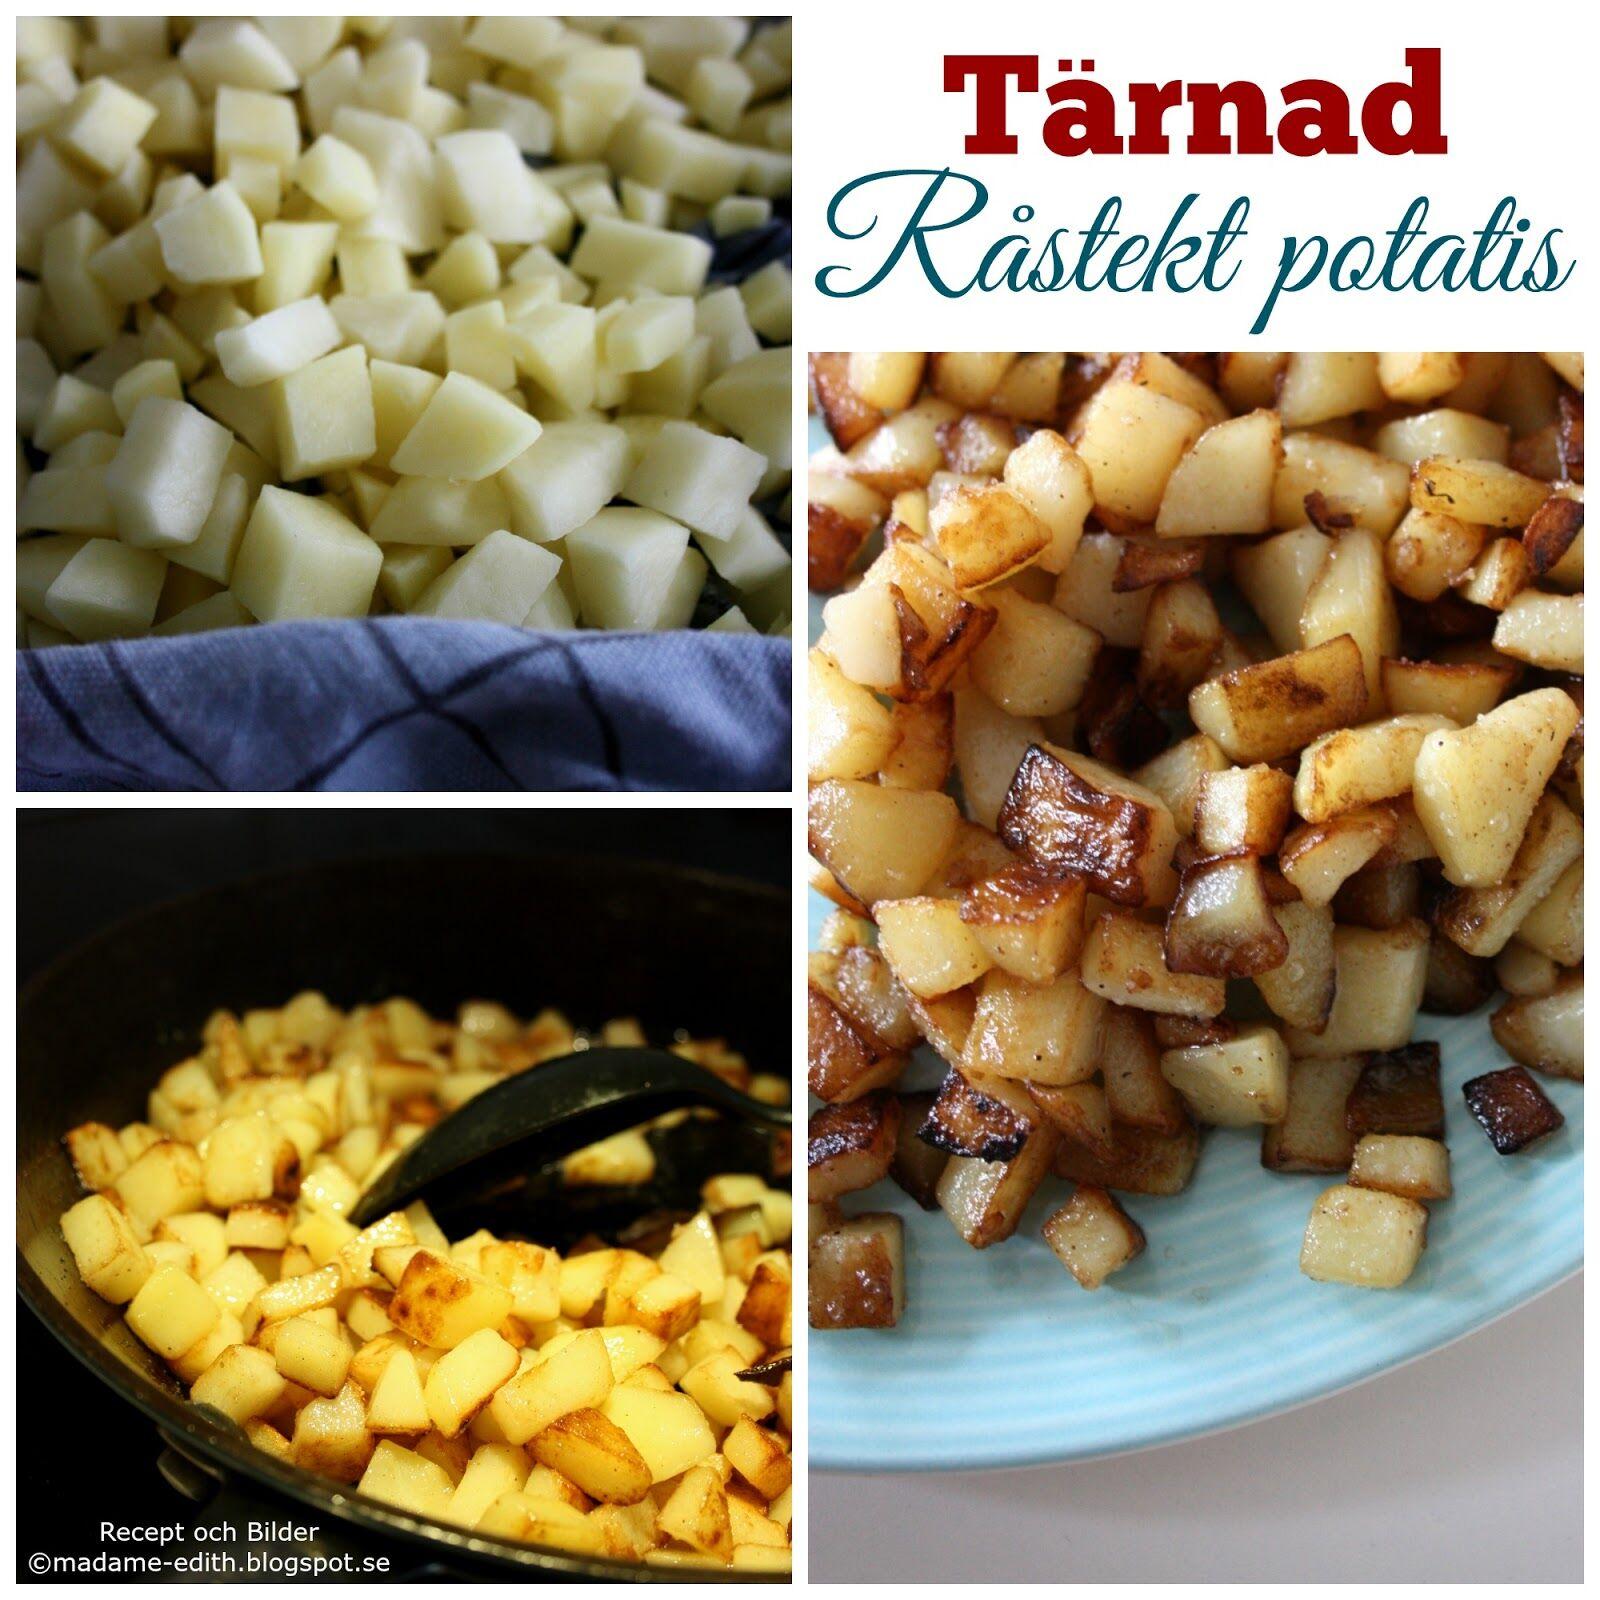 tärnad råstekt potatis